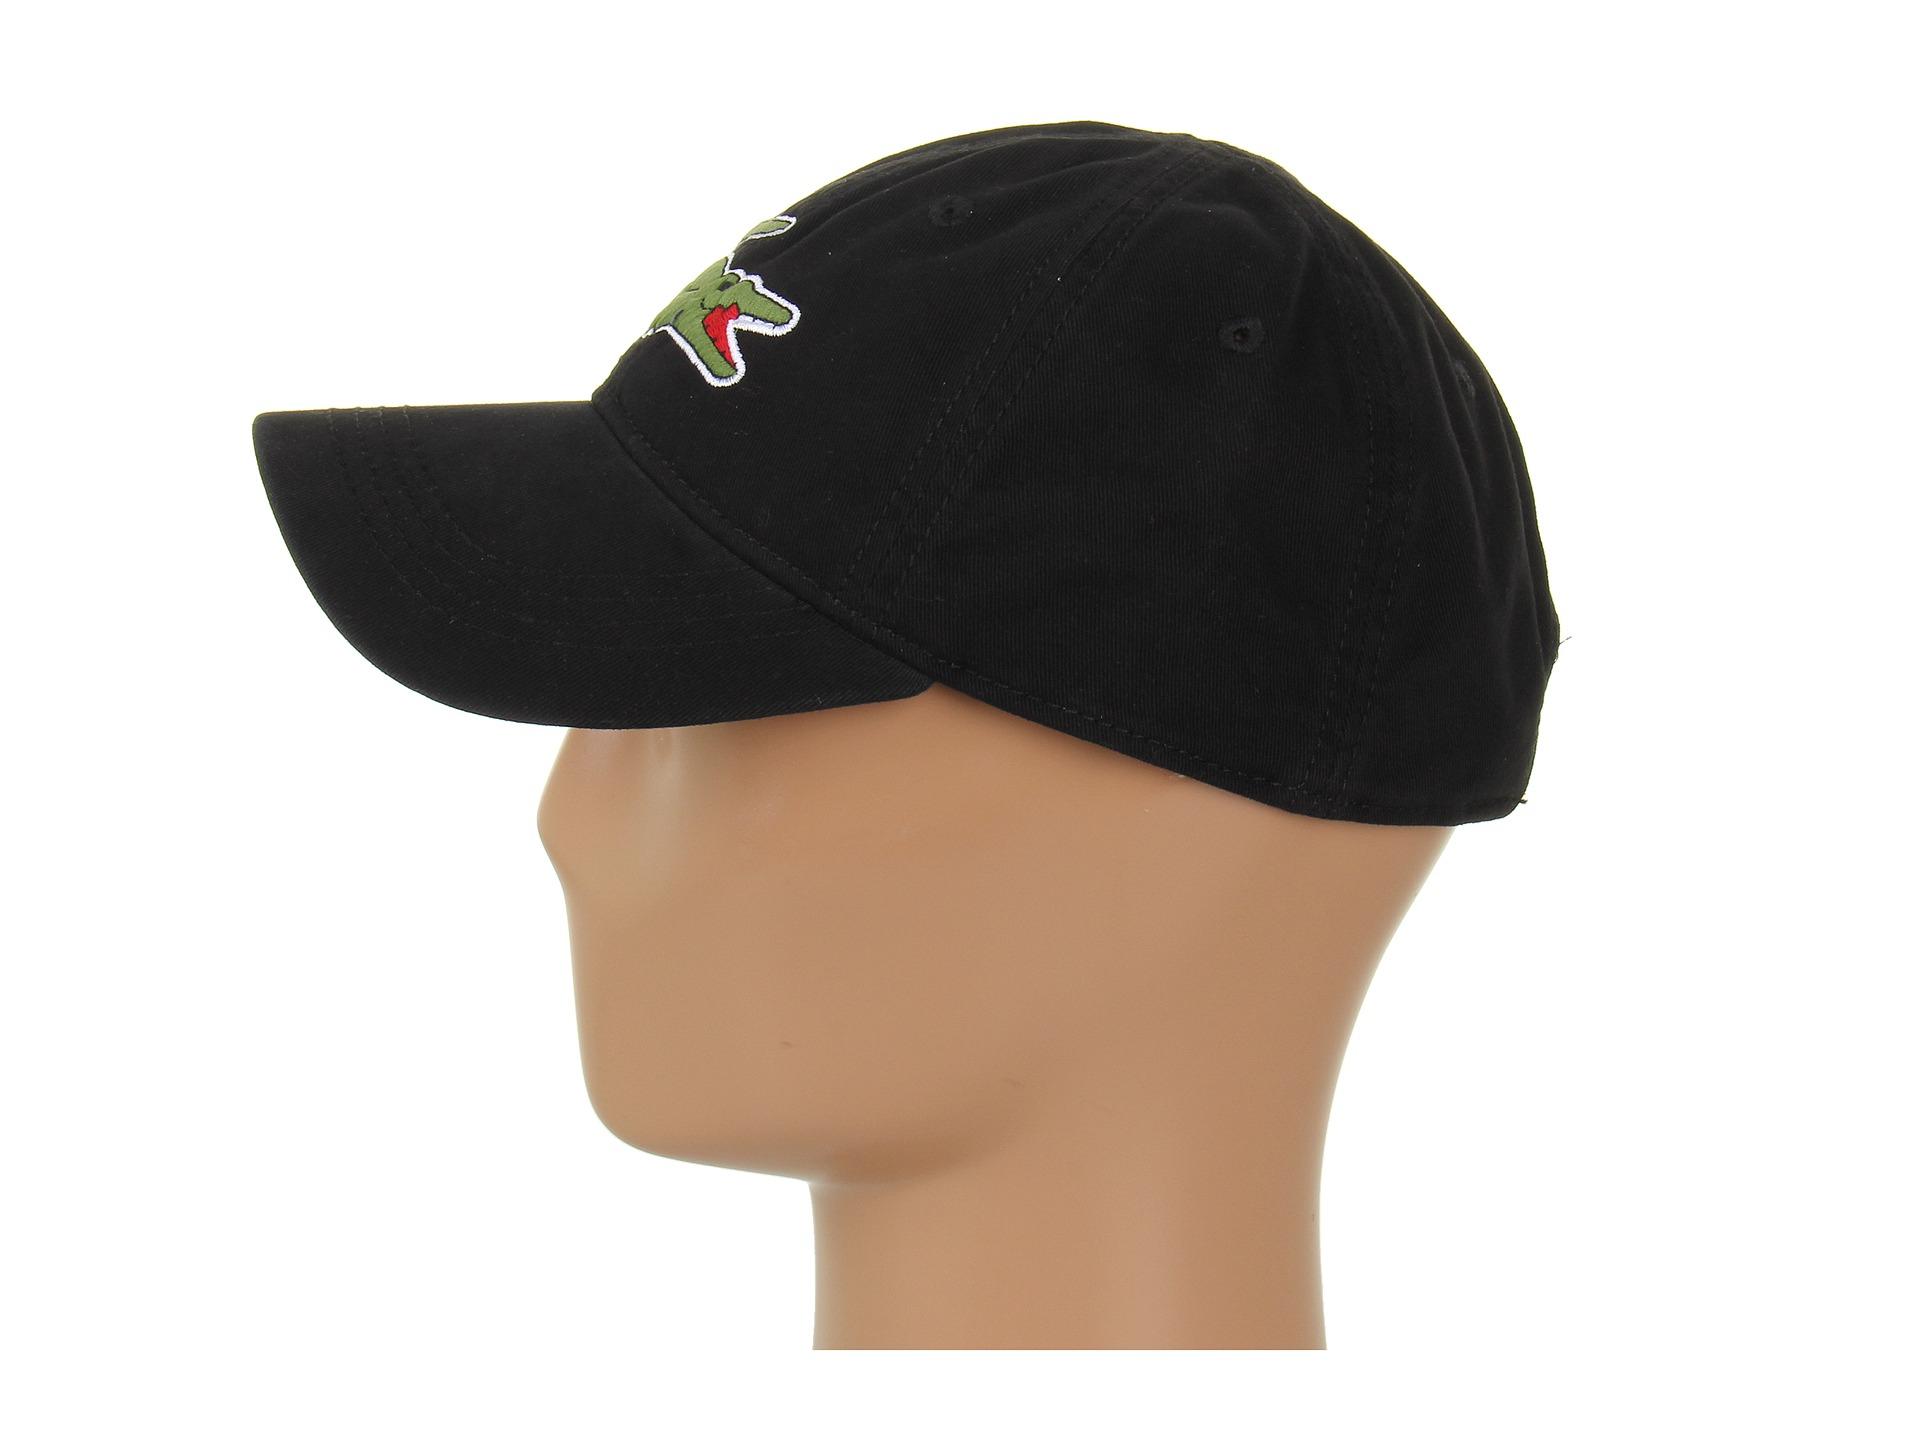 63dcb8d4cb0 Lyst - Lacoste Large Croc Gabardine Cap in Black for Men